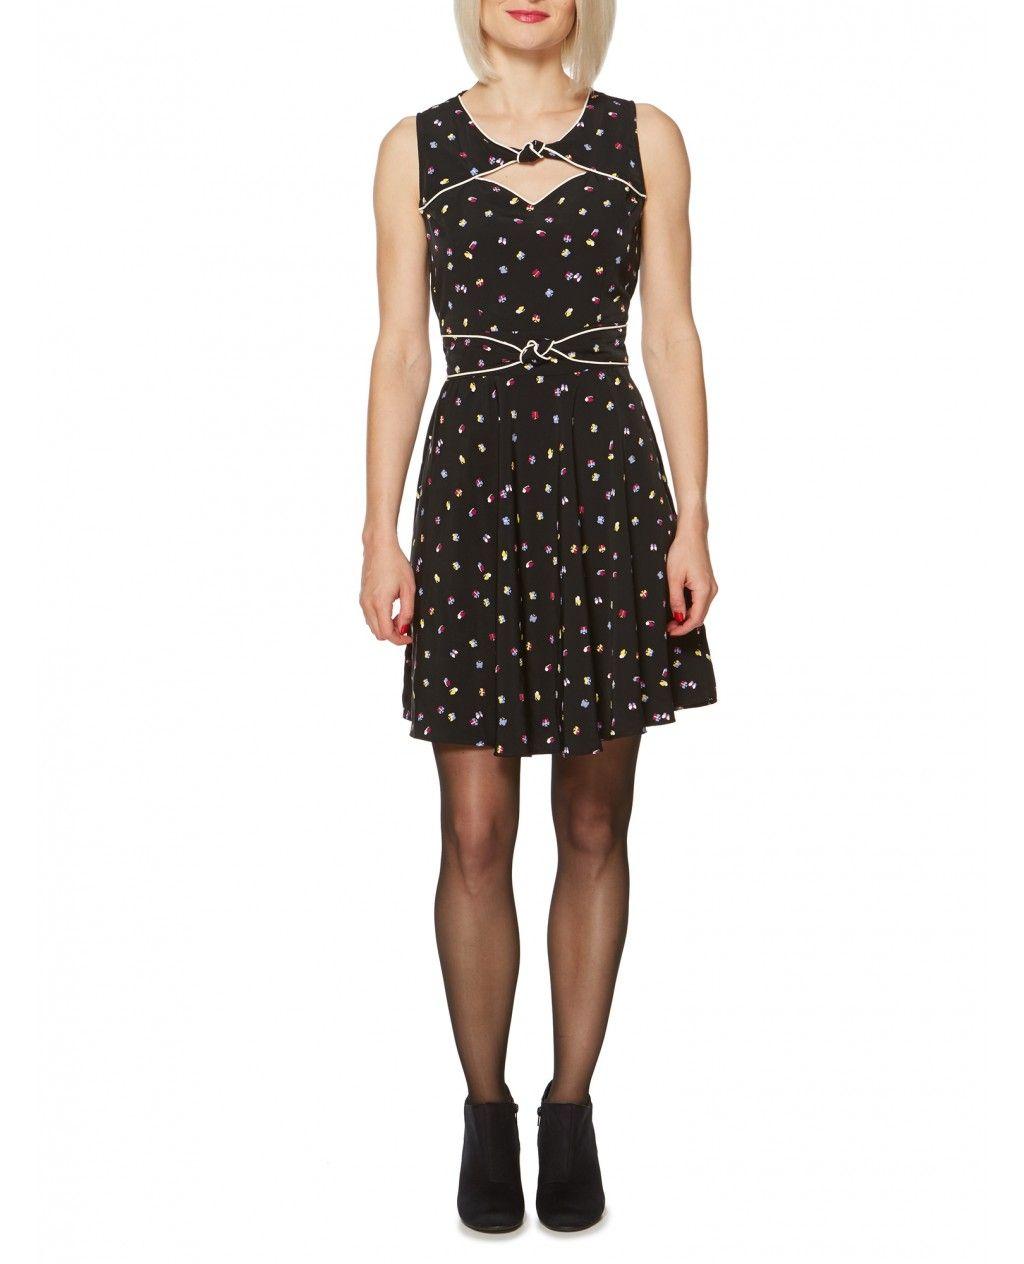 116 Twist N Shout Dress Black Butterfly Sale Dresses Black Dress Black Butterfly [ 1264 x 1024 Pixel ]